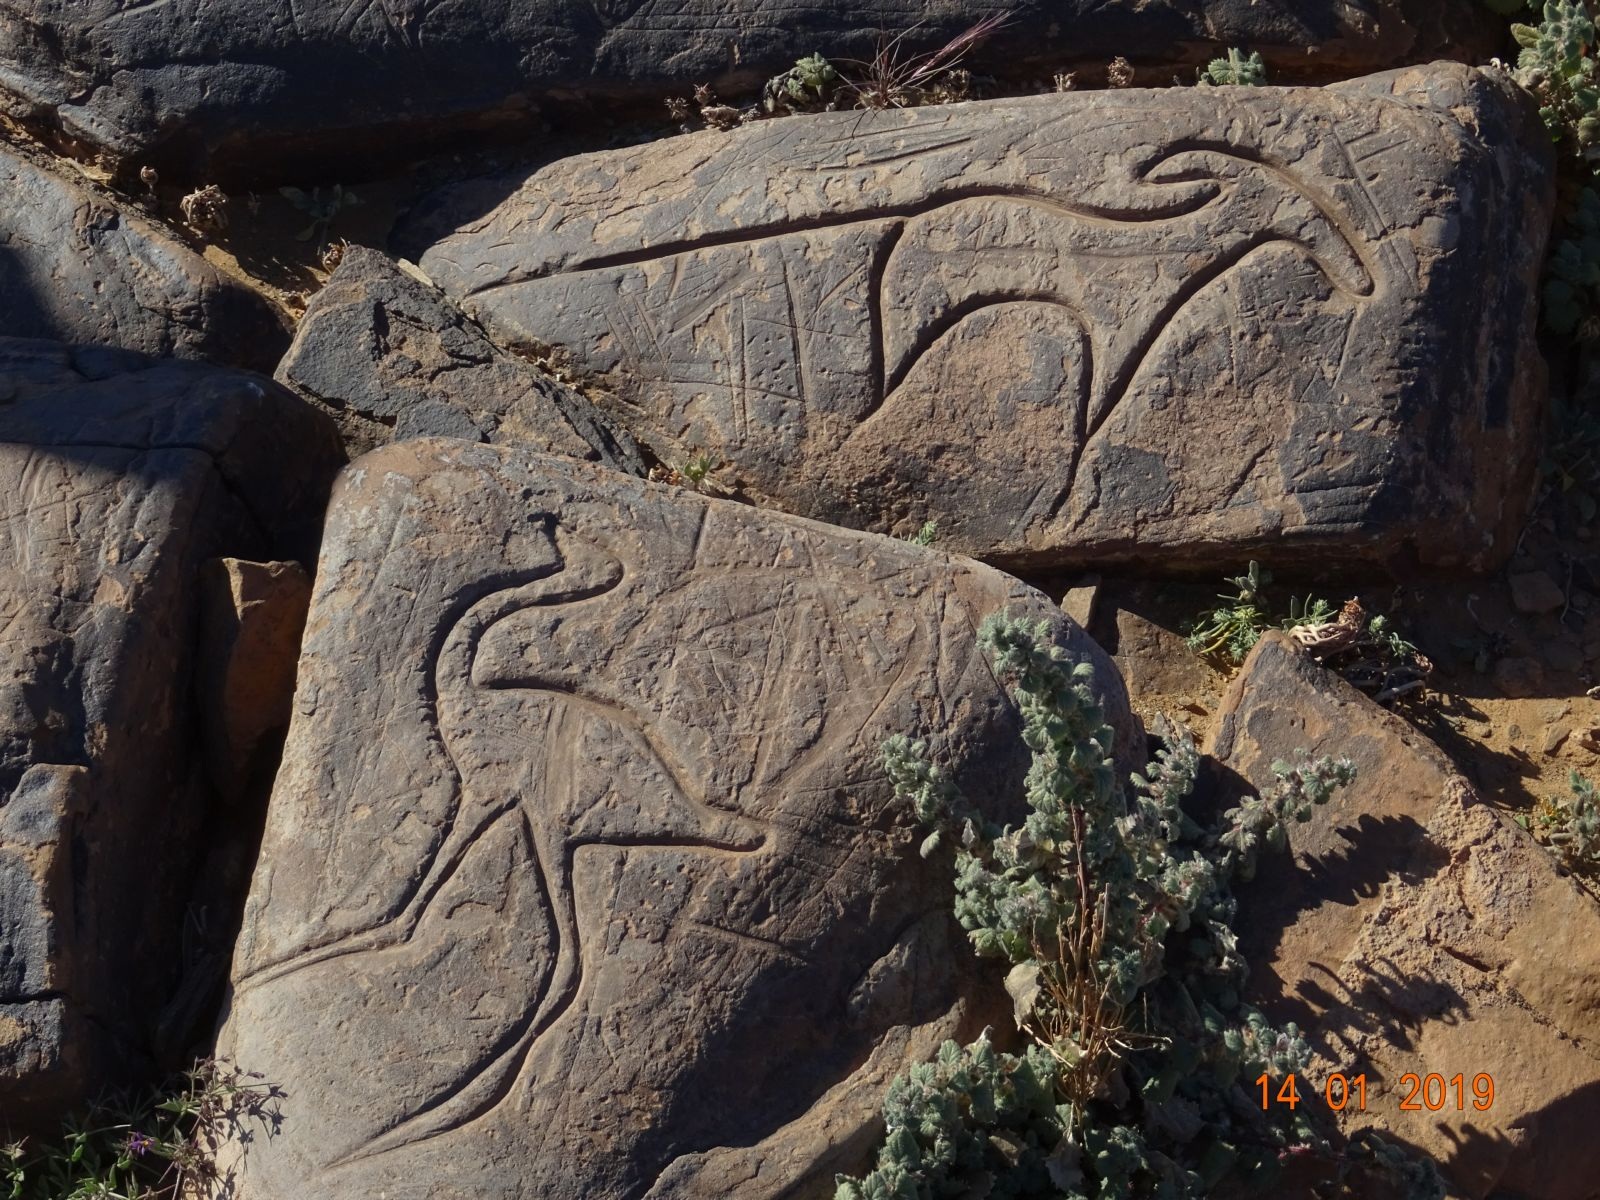 Les peintures rupestres 3